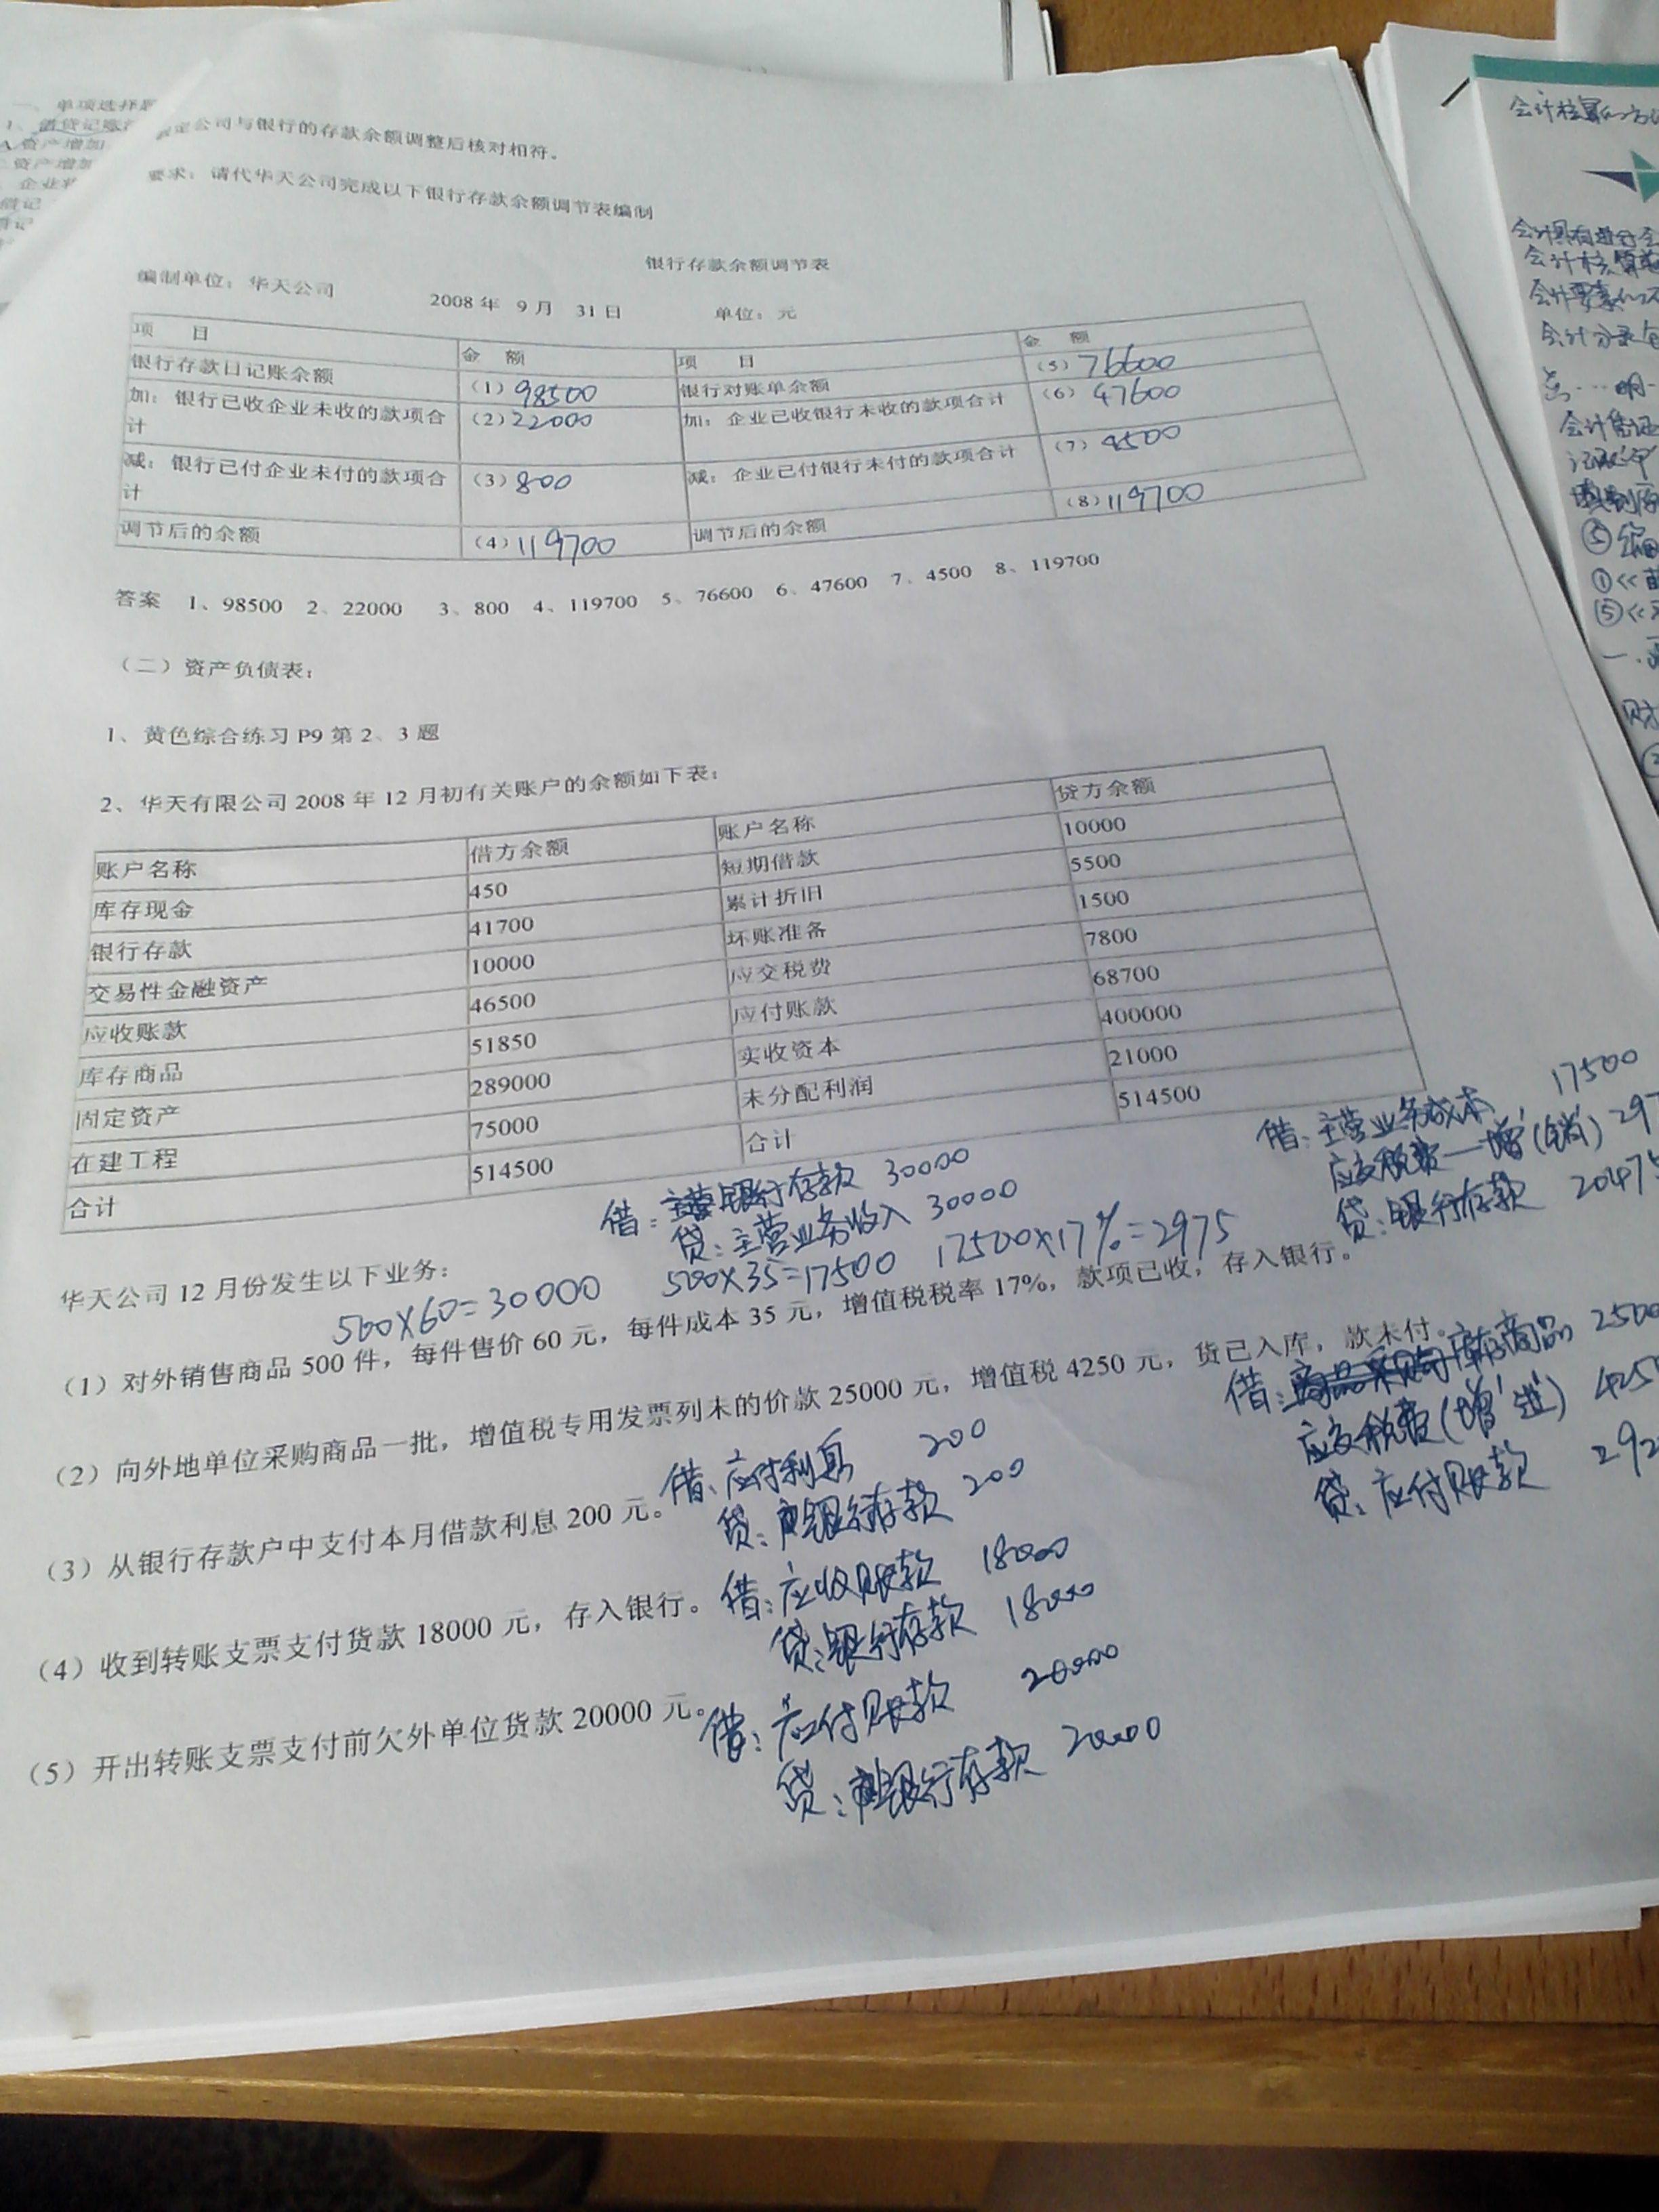 基础会计习题与案例全书答案